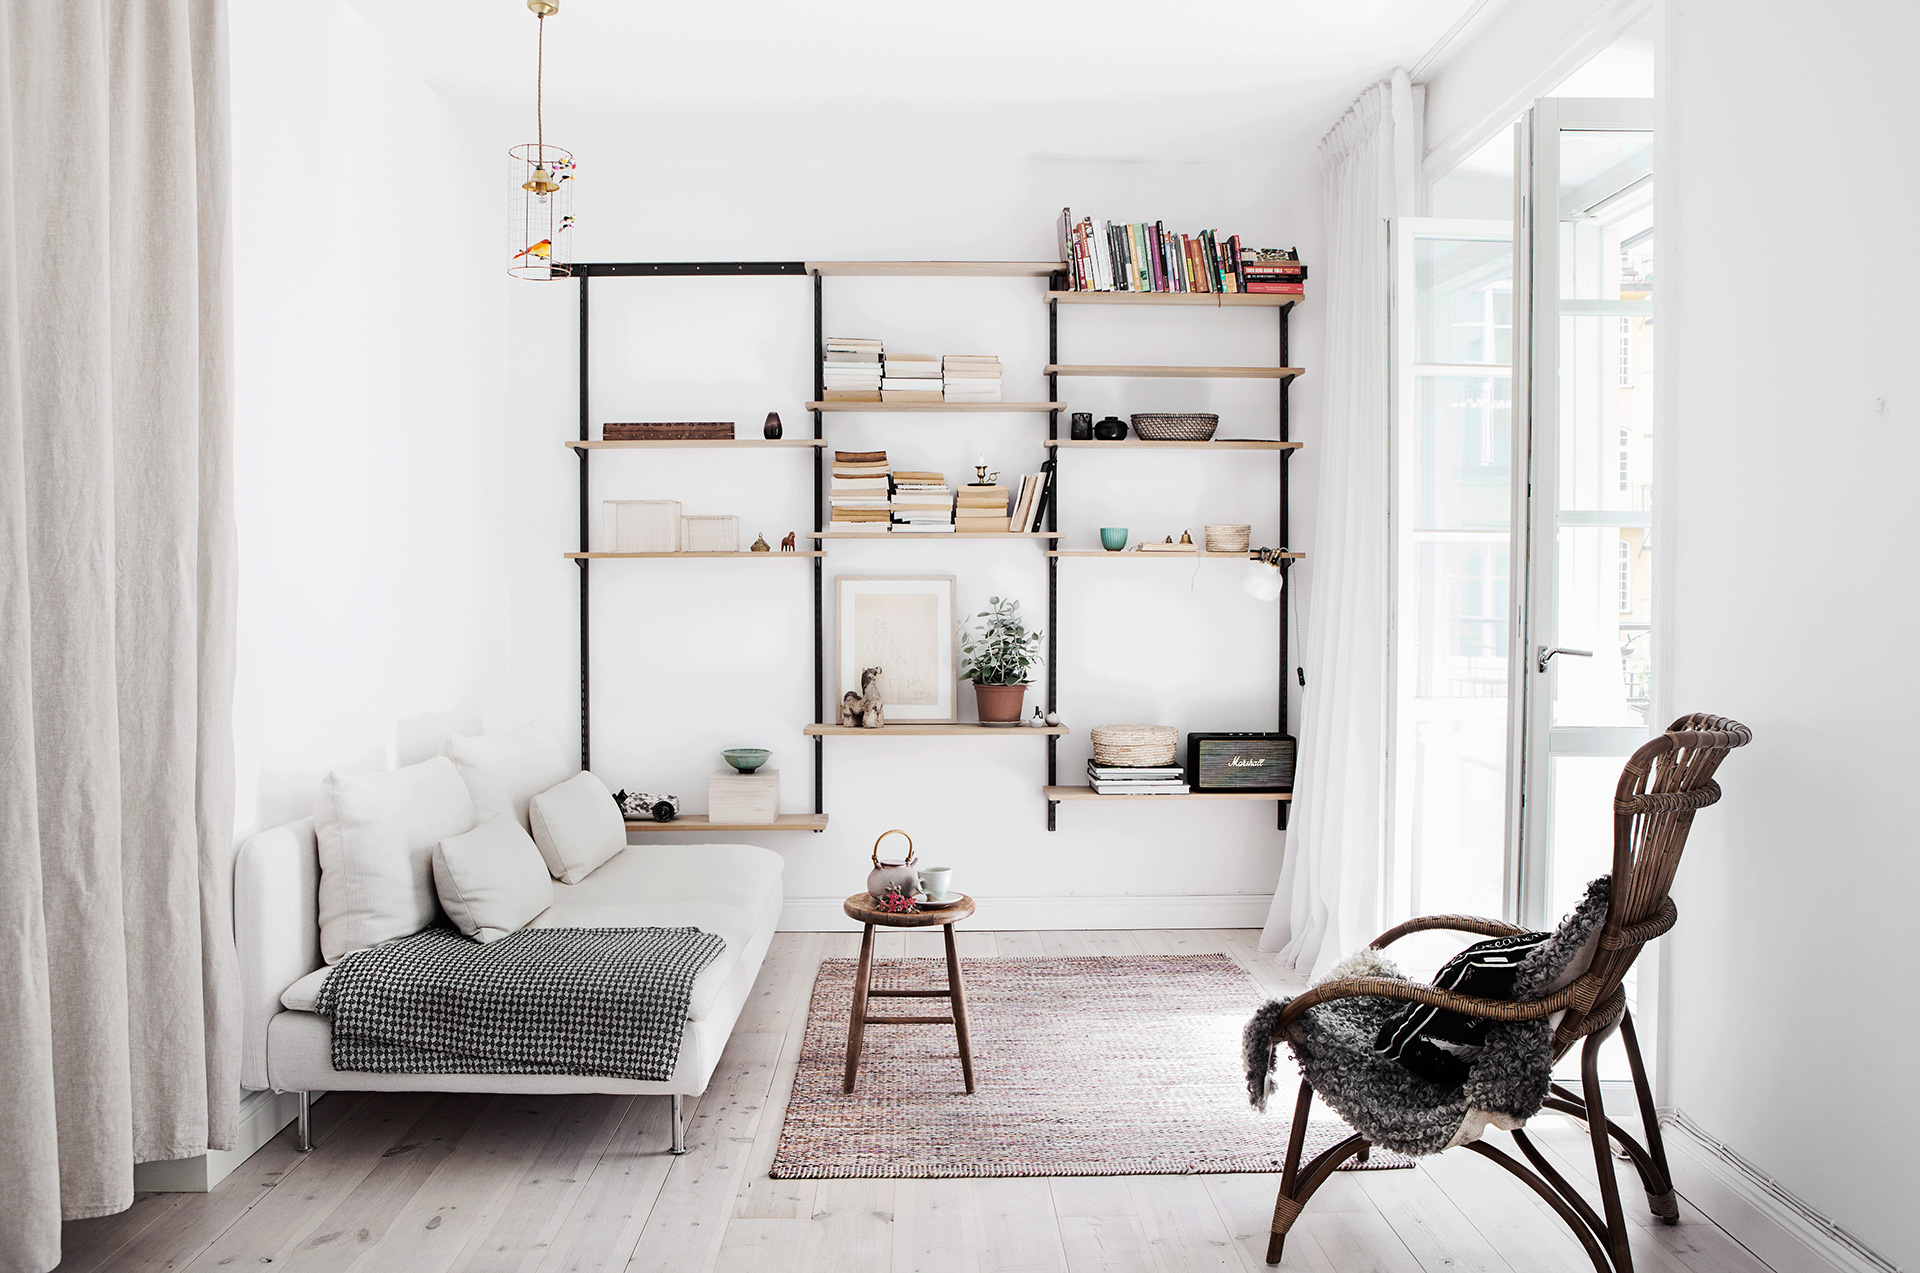 Kleur plinten kiezen woonkamer | tg wonen shop